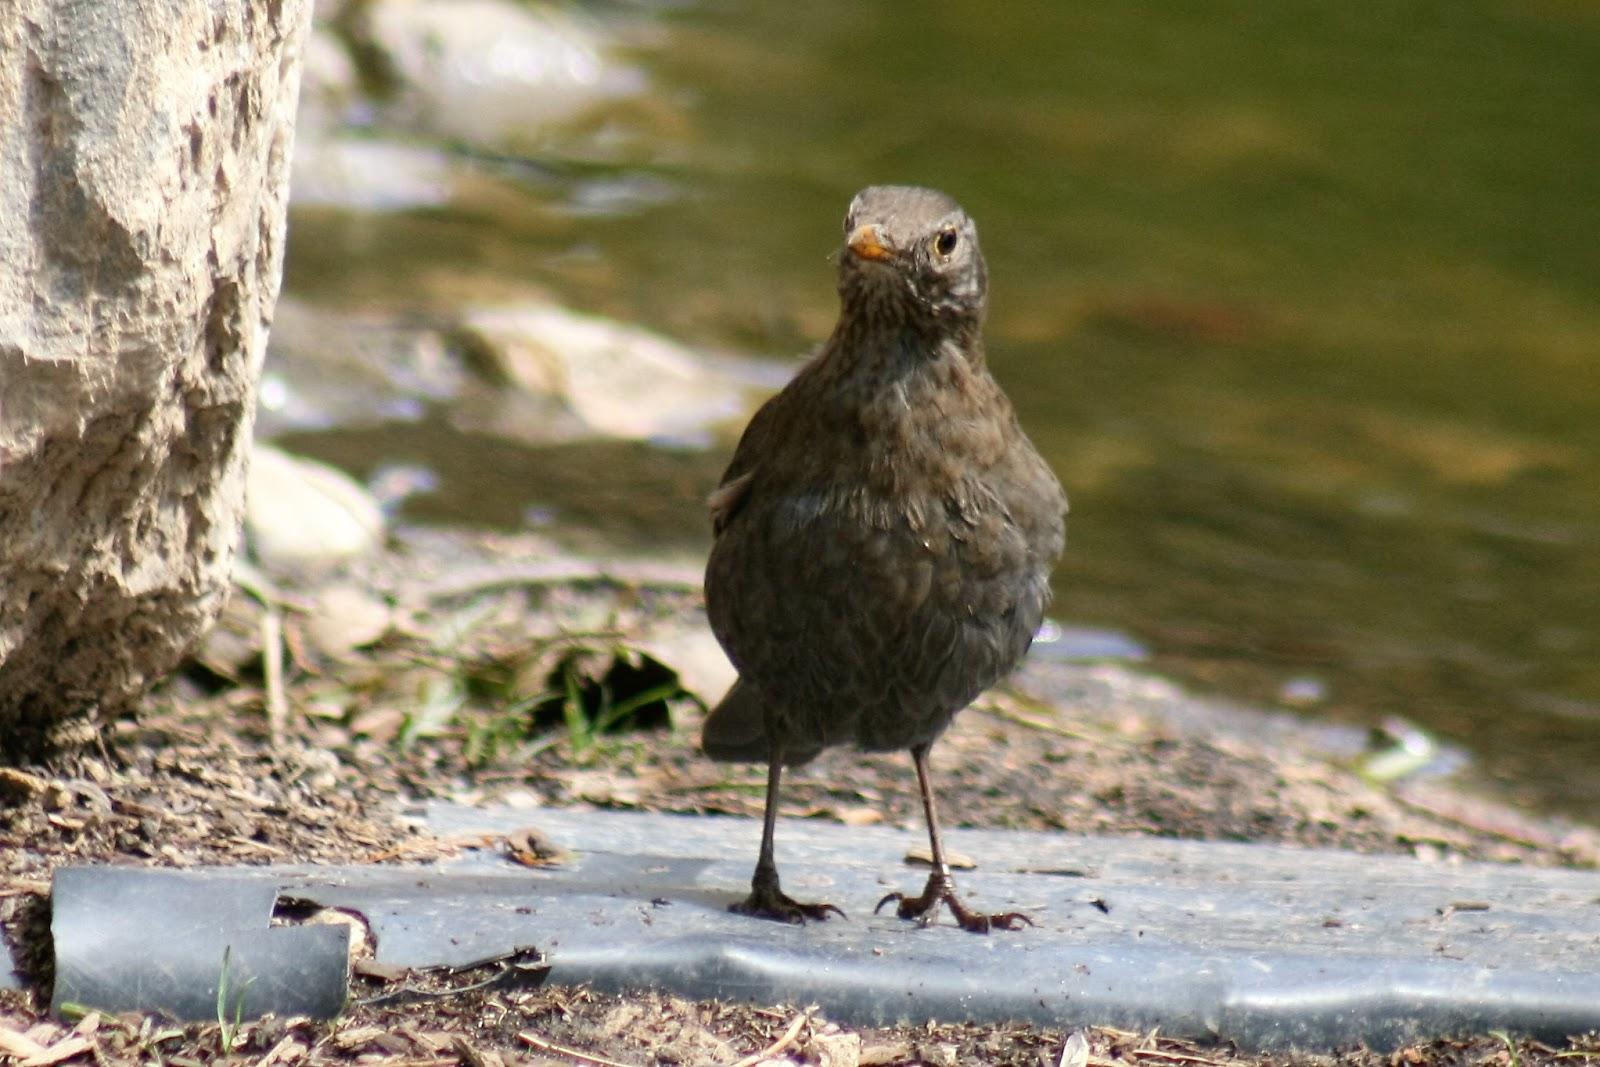 Pajaricos de murcia parques y jardines refugios de vida for Aves de jardin